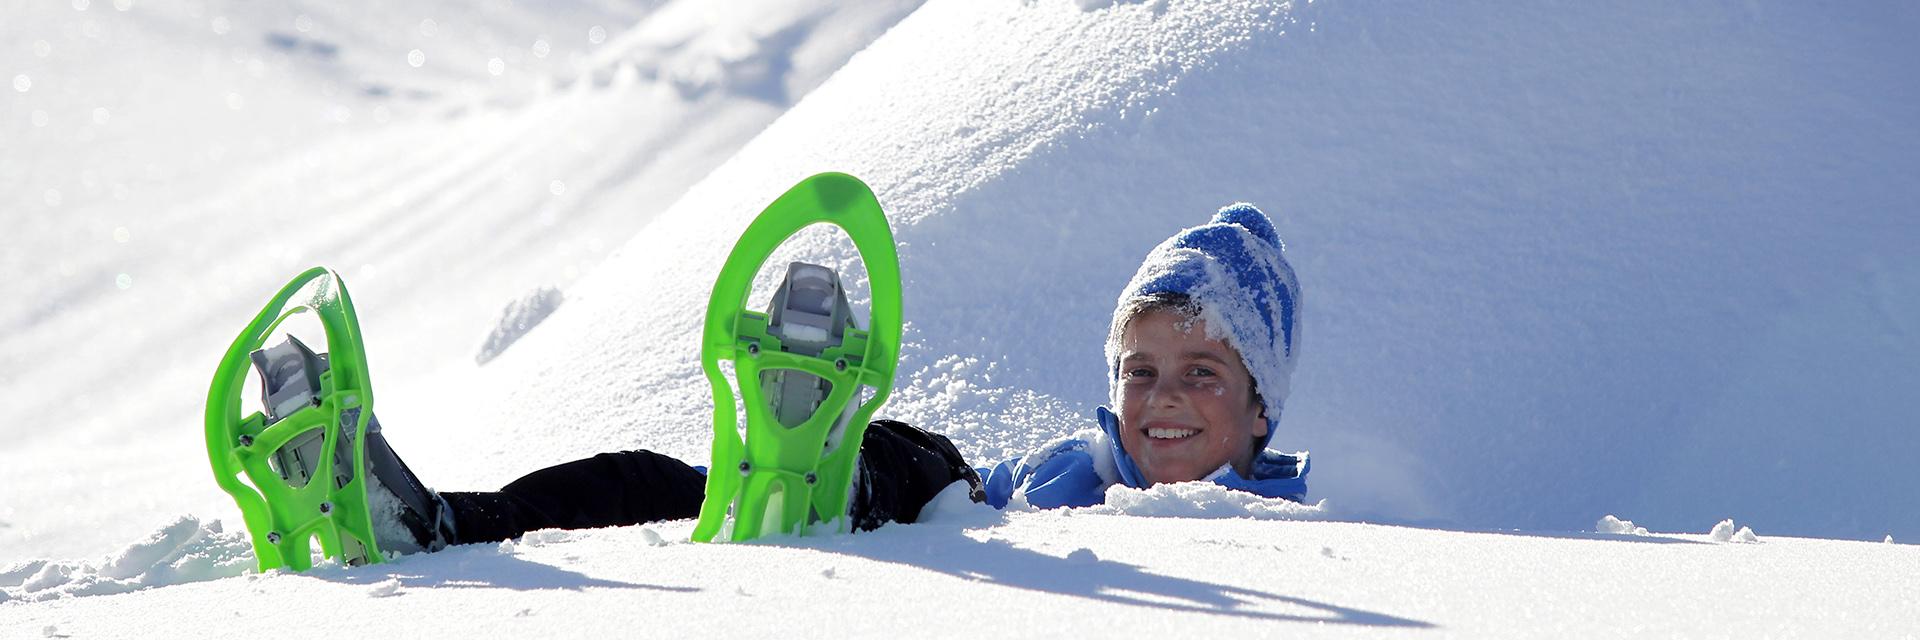 Village_club_vacances_jura-le-duchet-hiver-raquette